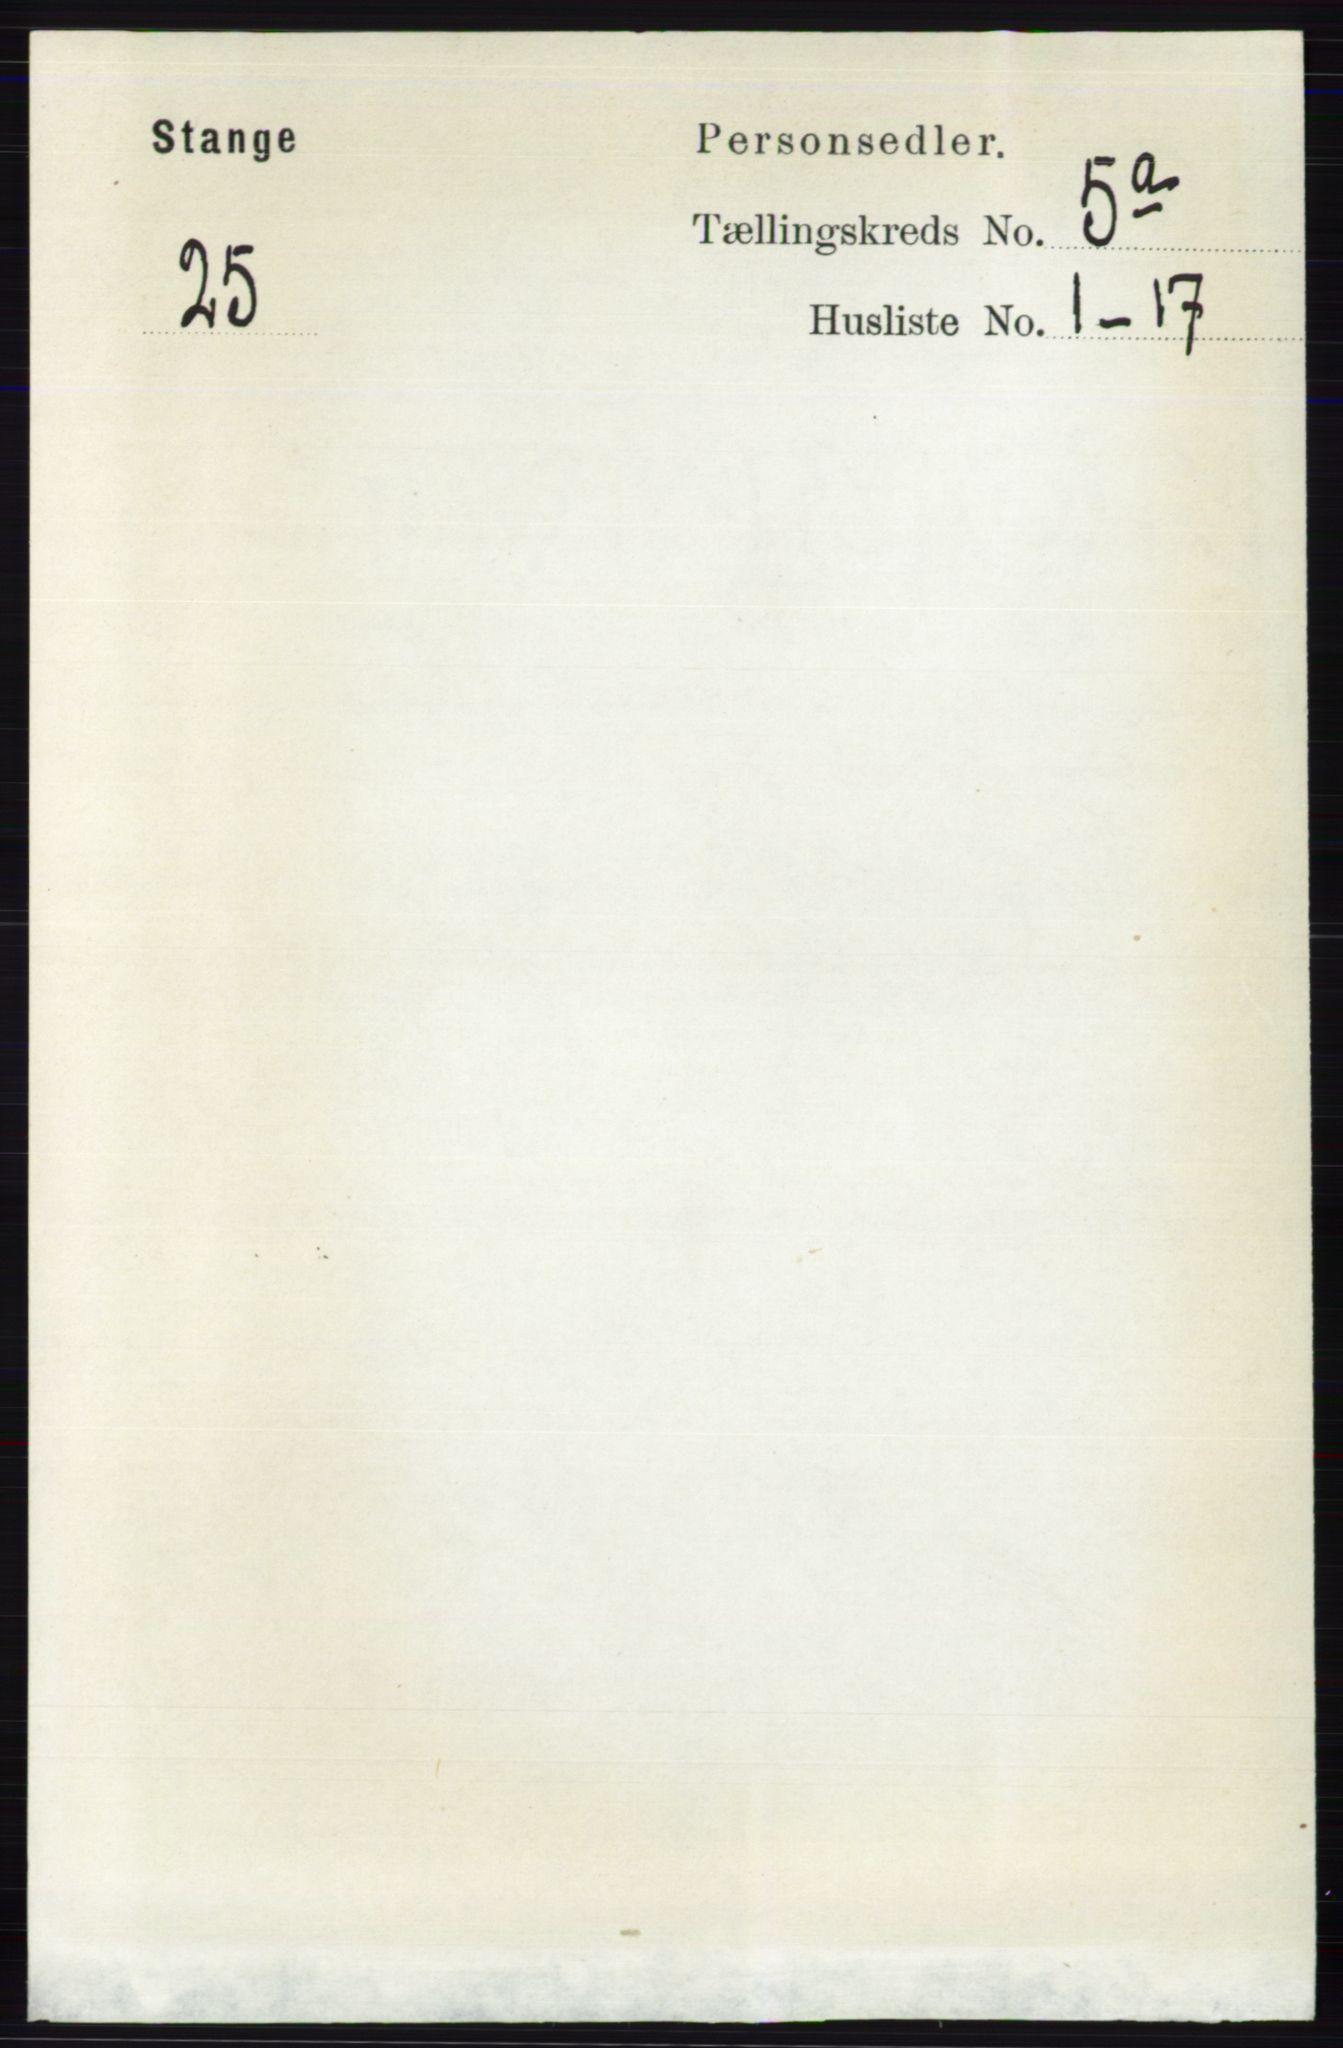 RA, Folketelling 1891 for 0417 Stange herred, 1891, s. 3761